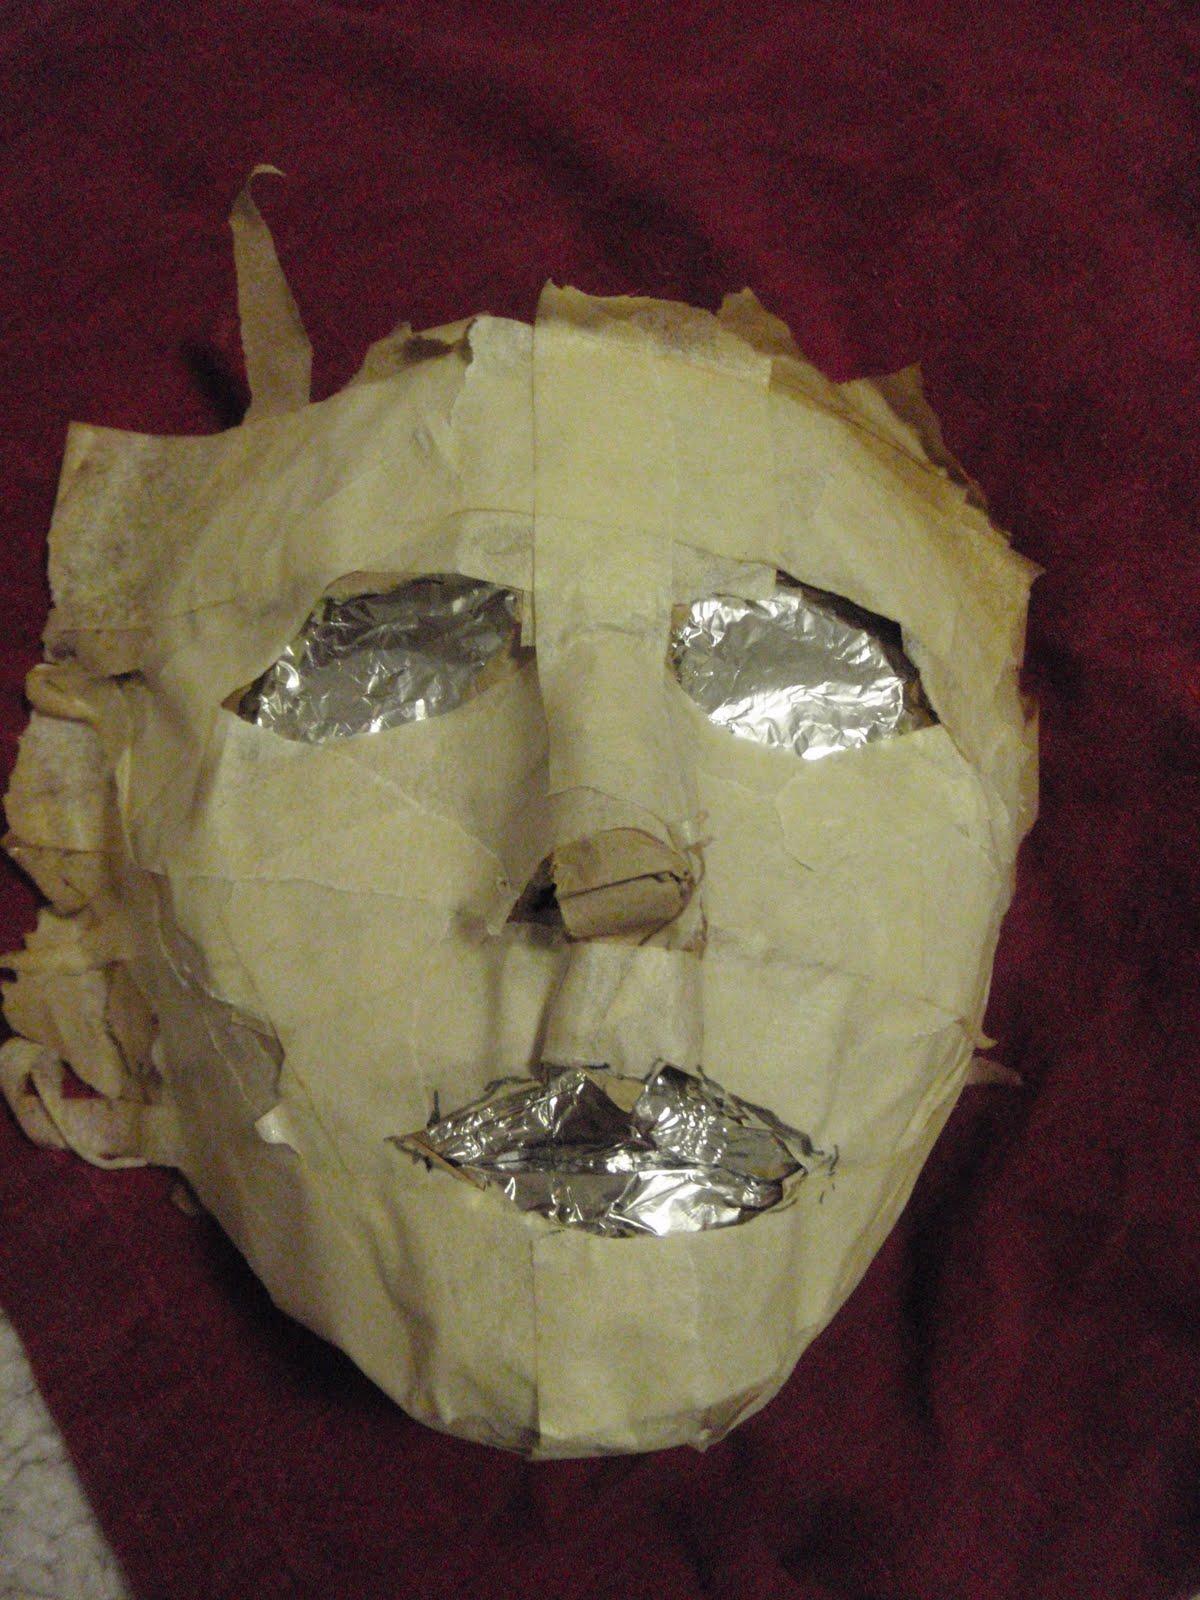 Papier mache masks to buy - Masque papier mache ...